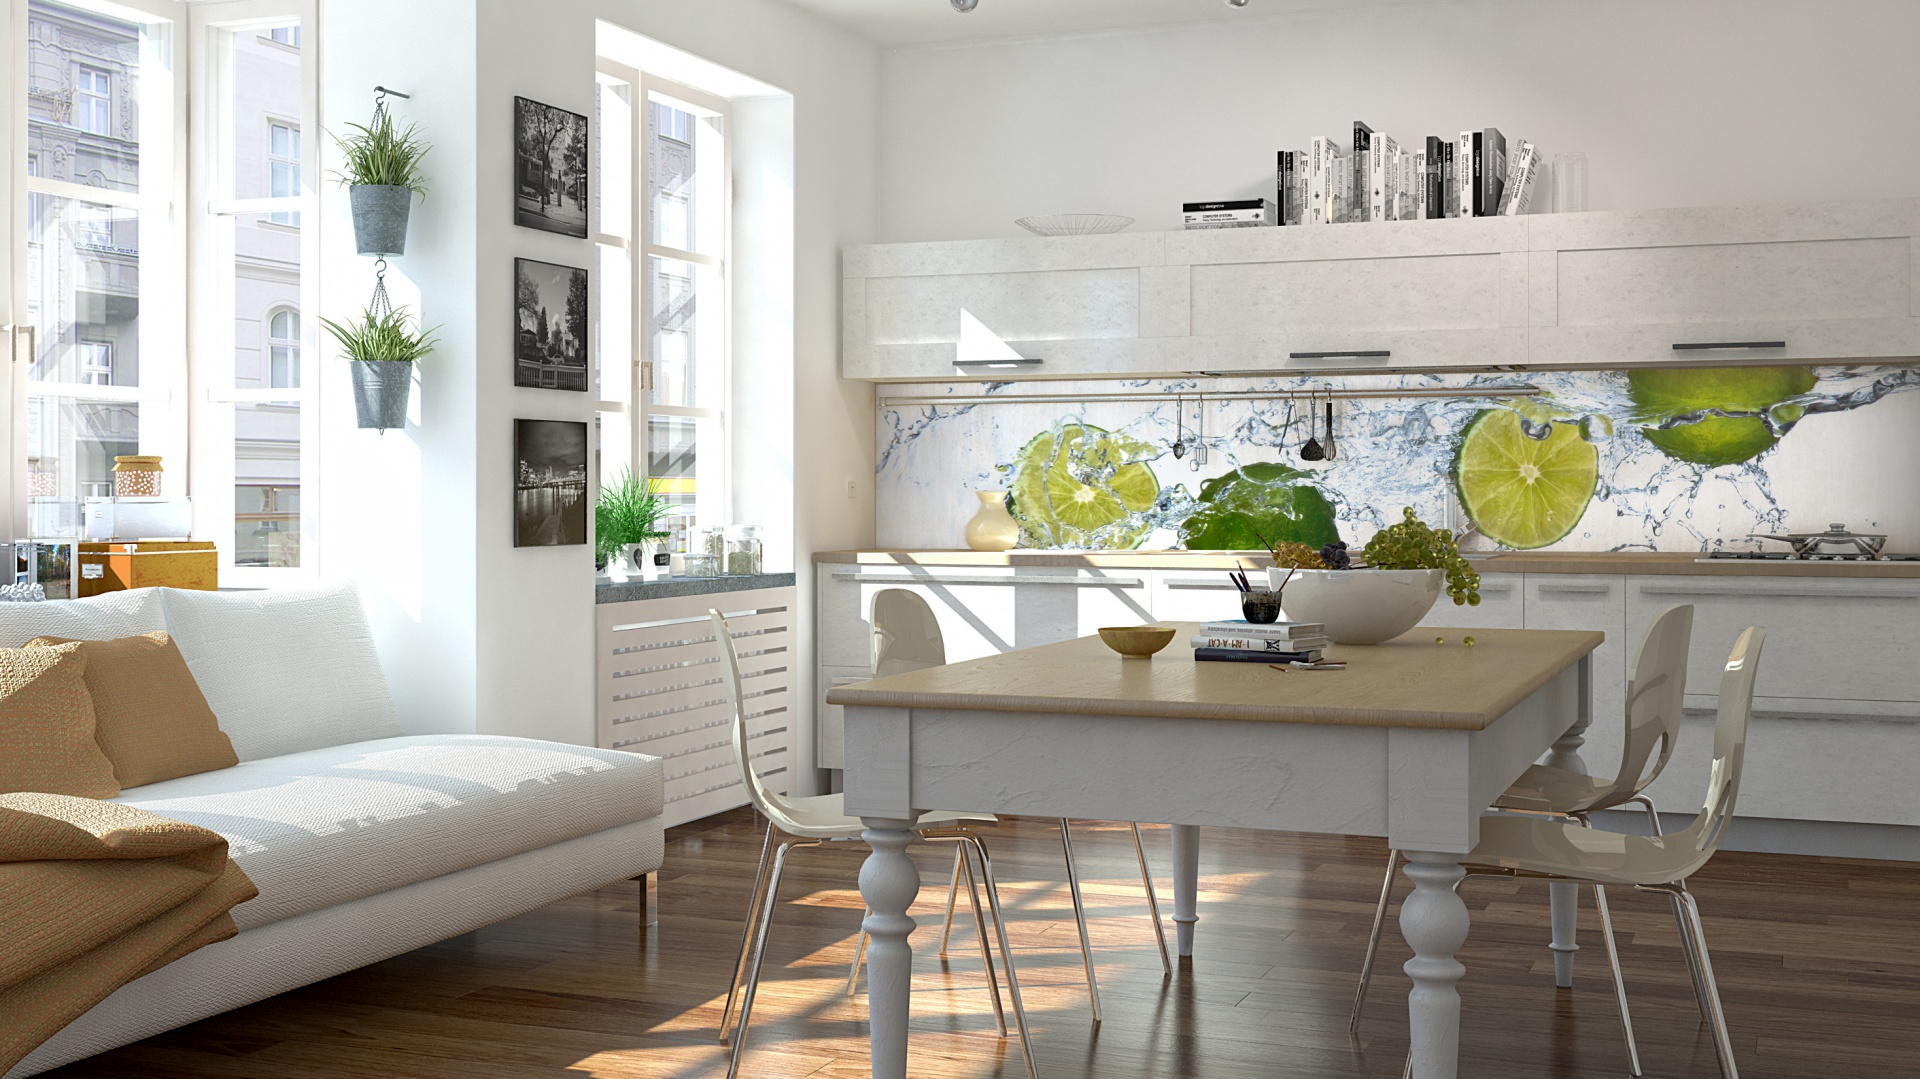 Soczyste limonki ożywiają białą aranżację kuchni otwartej na jadalnię i salon w jasnych barwach. Wyeksponowane na tle białych mebli, komponują się kolorystycznie z roślinami na ścianach i parapecie. Fot. Livingstone.pl.